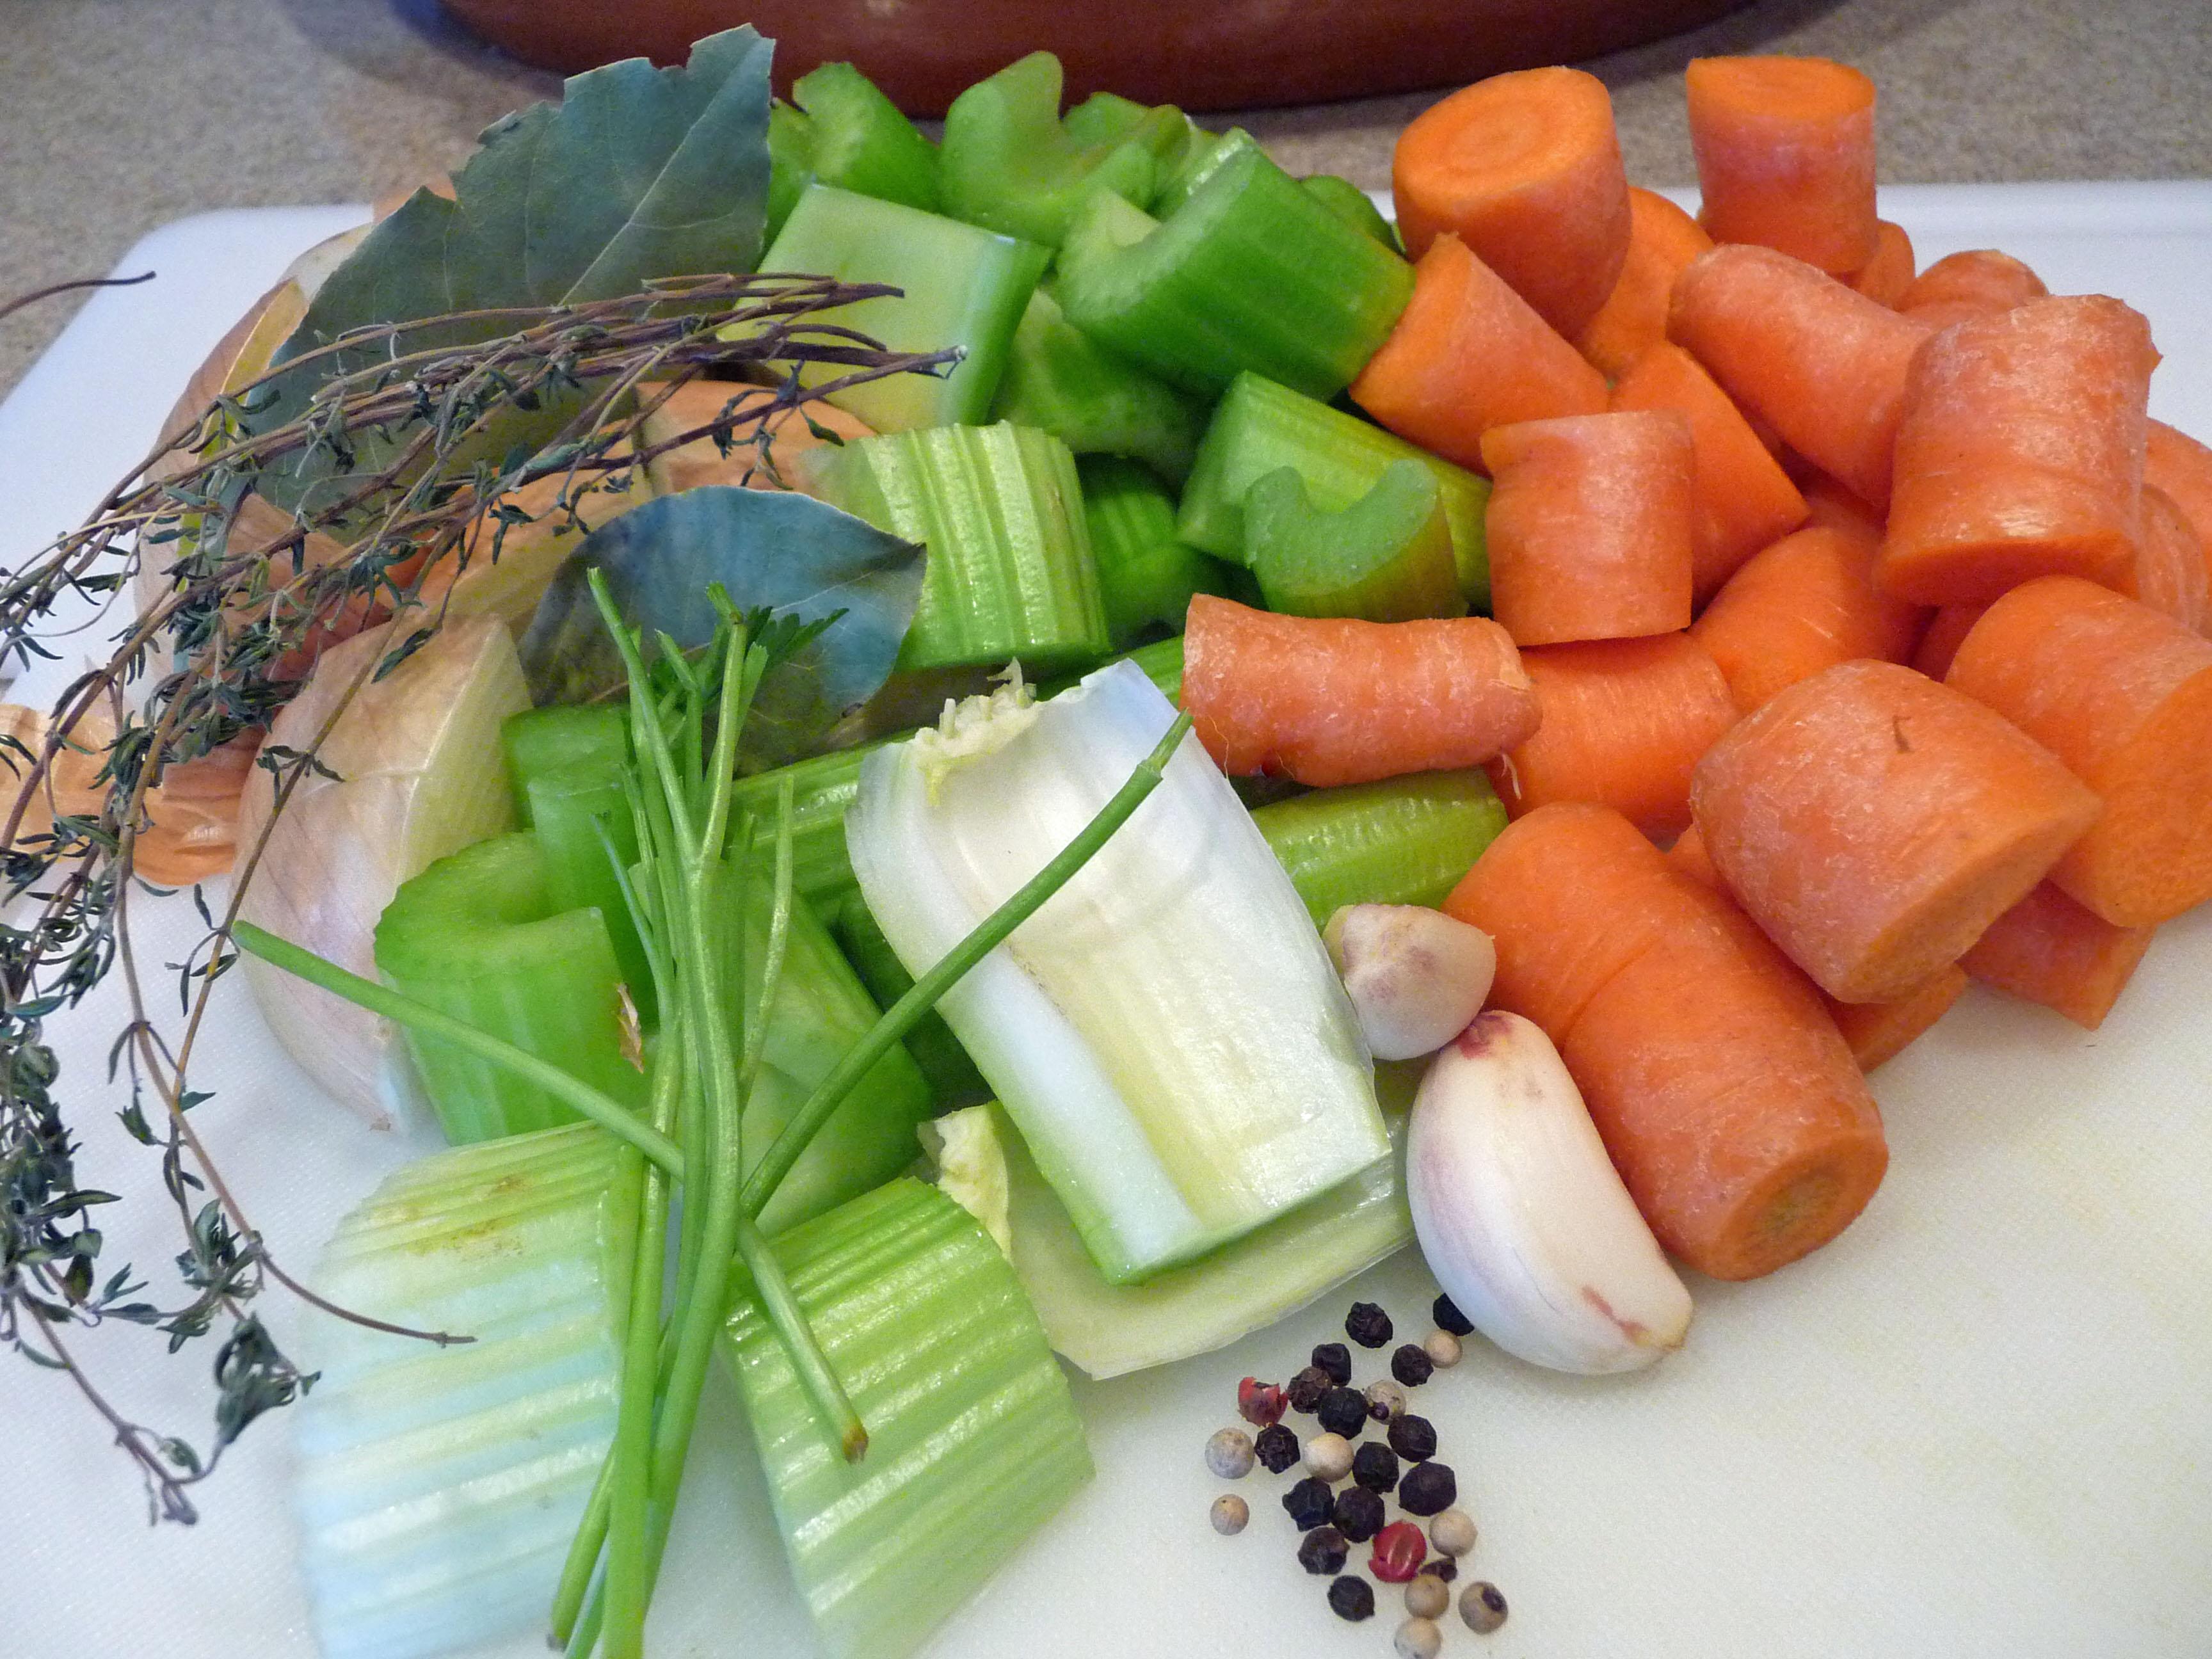 Vegetables & Herbs for Chicken Stock (c) jfhaugen